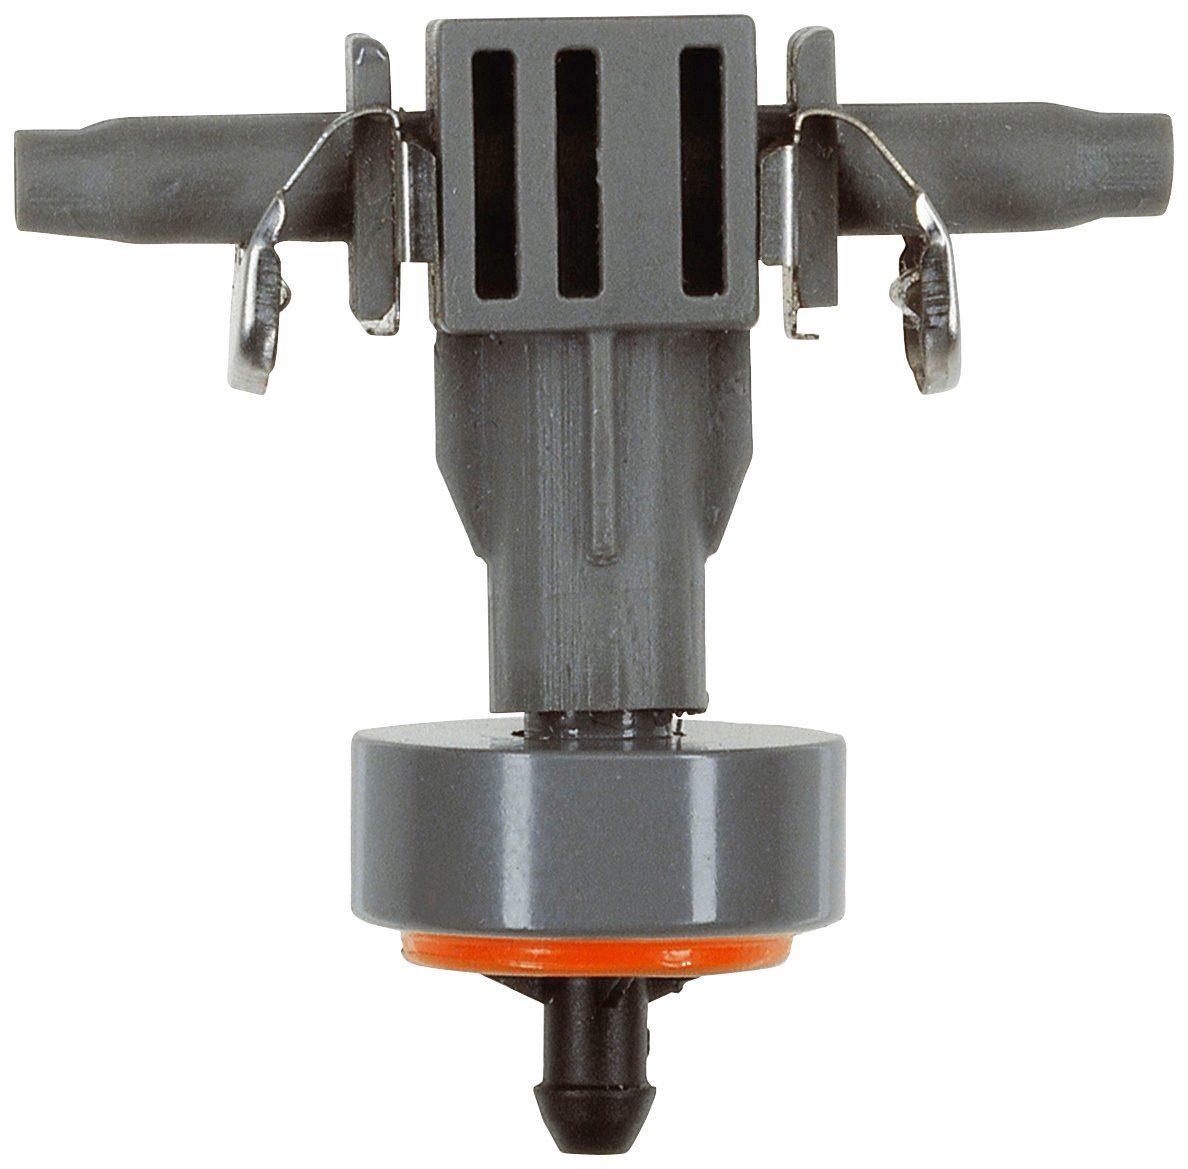 GARDENA Reihentropfer »Micro-Drip-System«, 2 l/h, druckausgleichend, 10 Stück